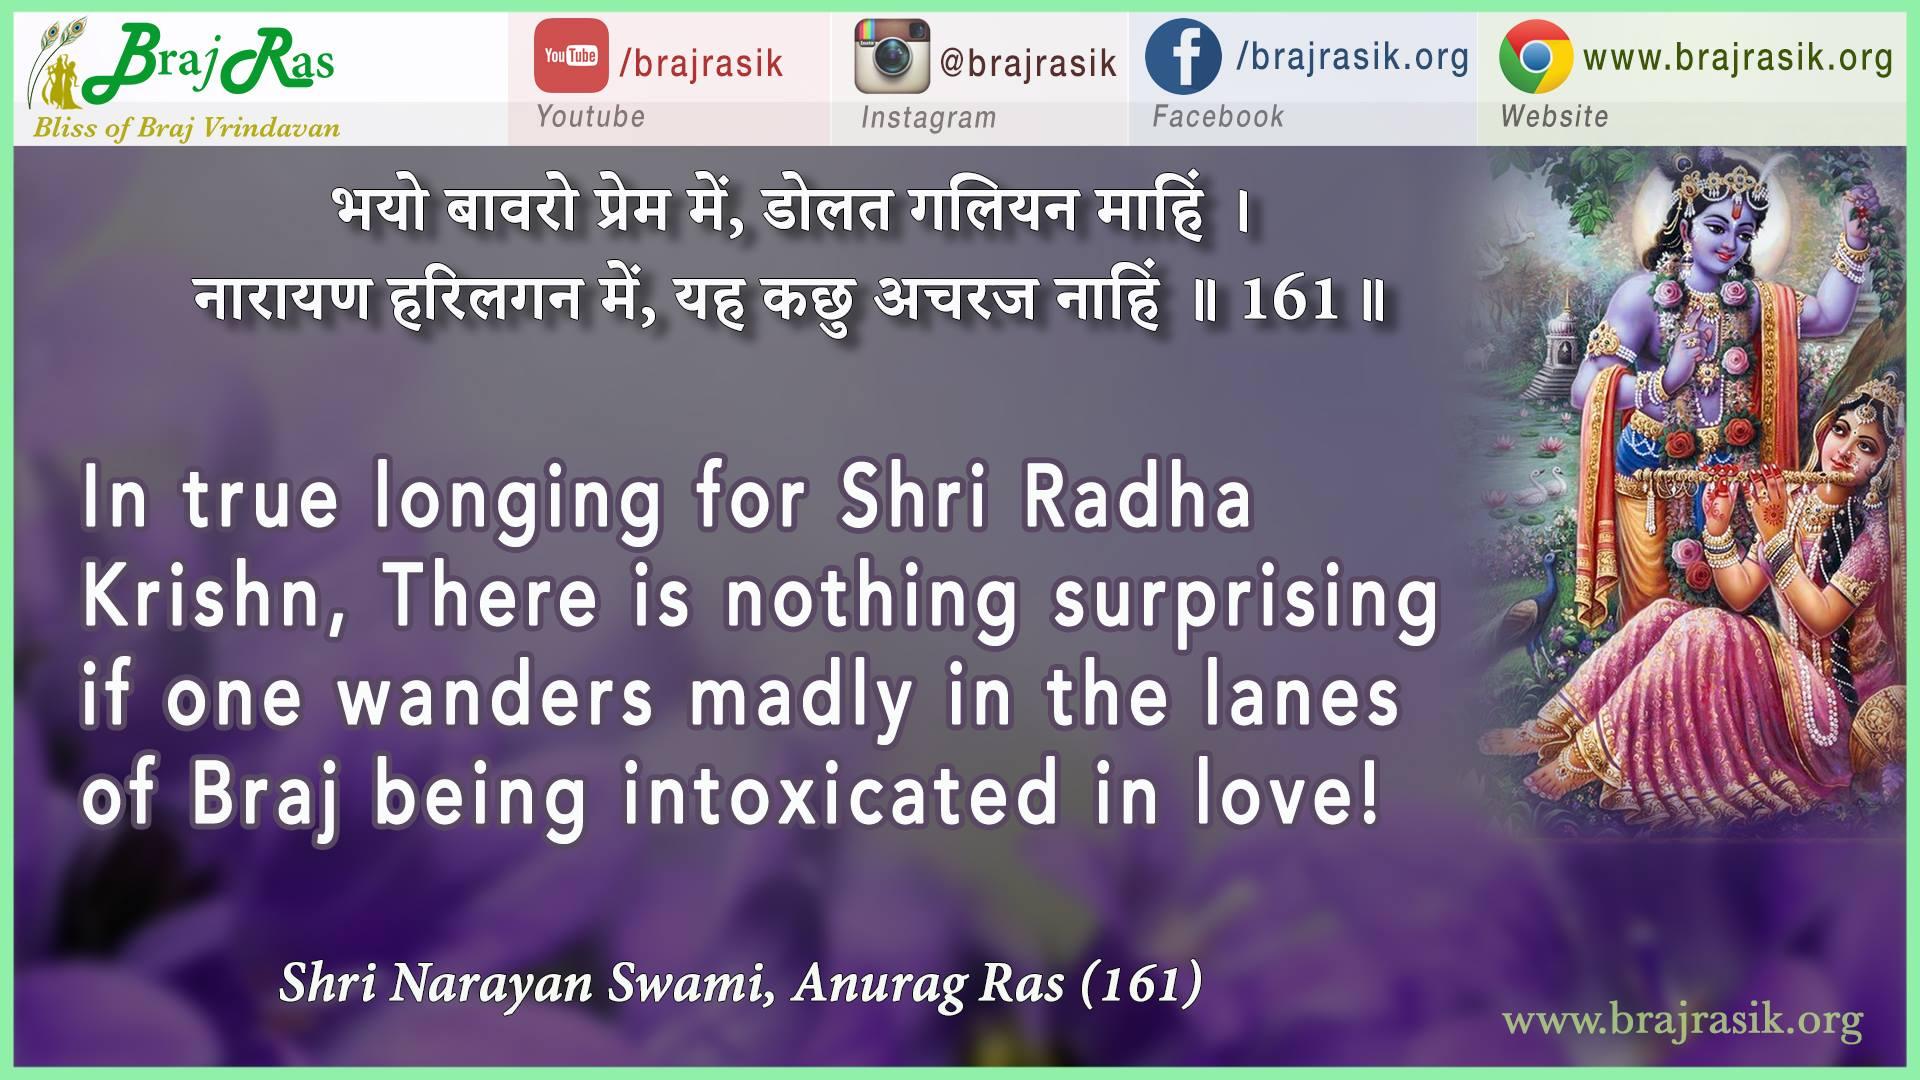 Bhayo Banwaro Prem Mein Dolat Galiyan Mahin  - Shri Narayan Swami, Anurag Ras (161)